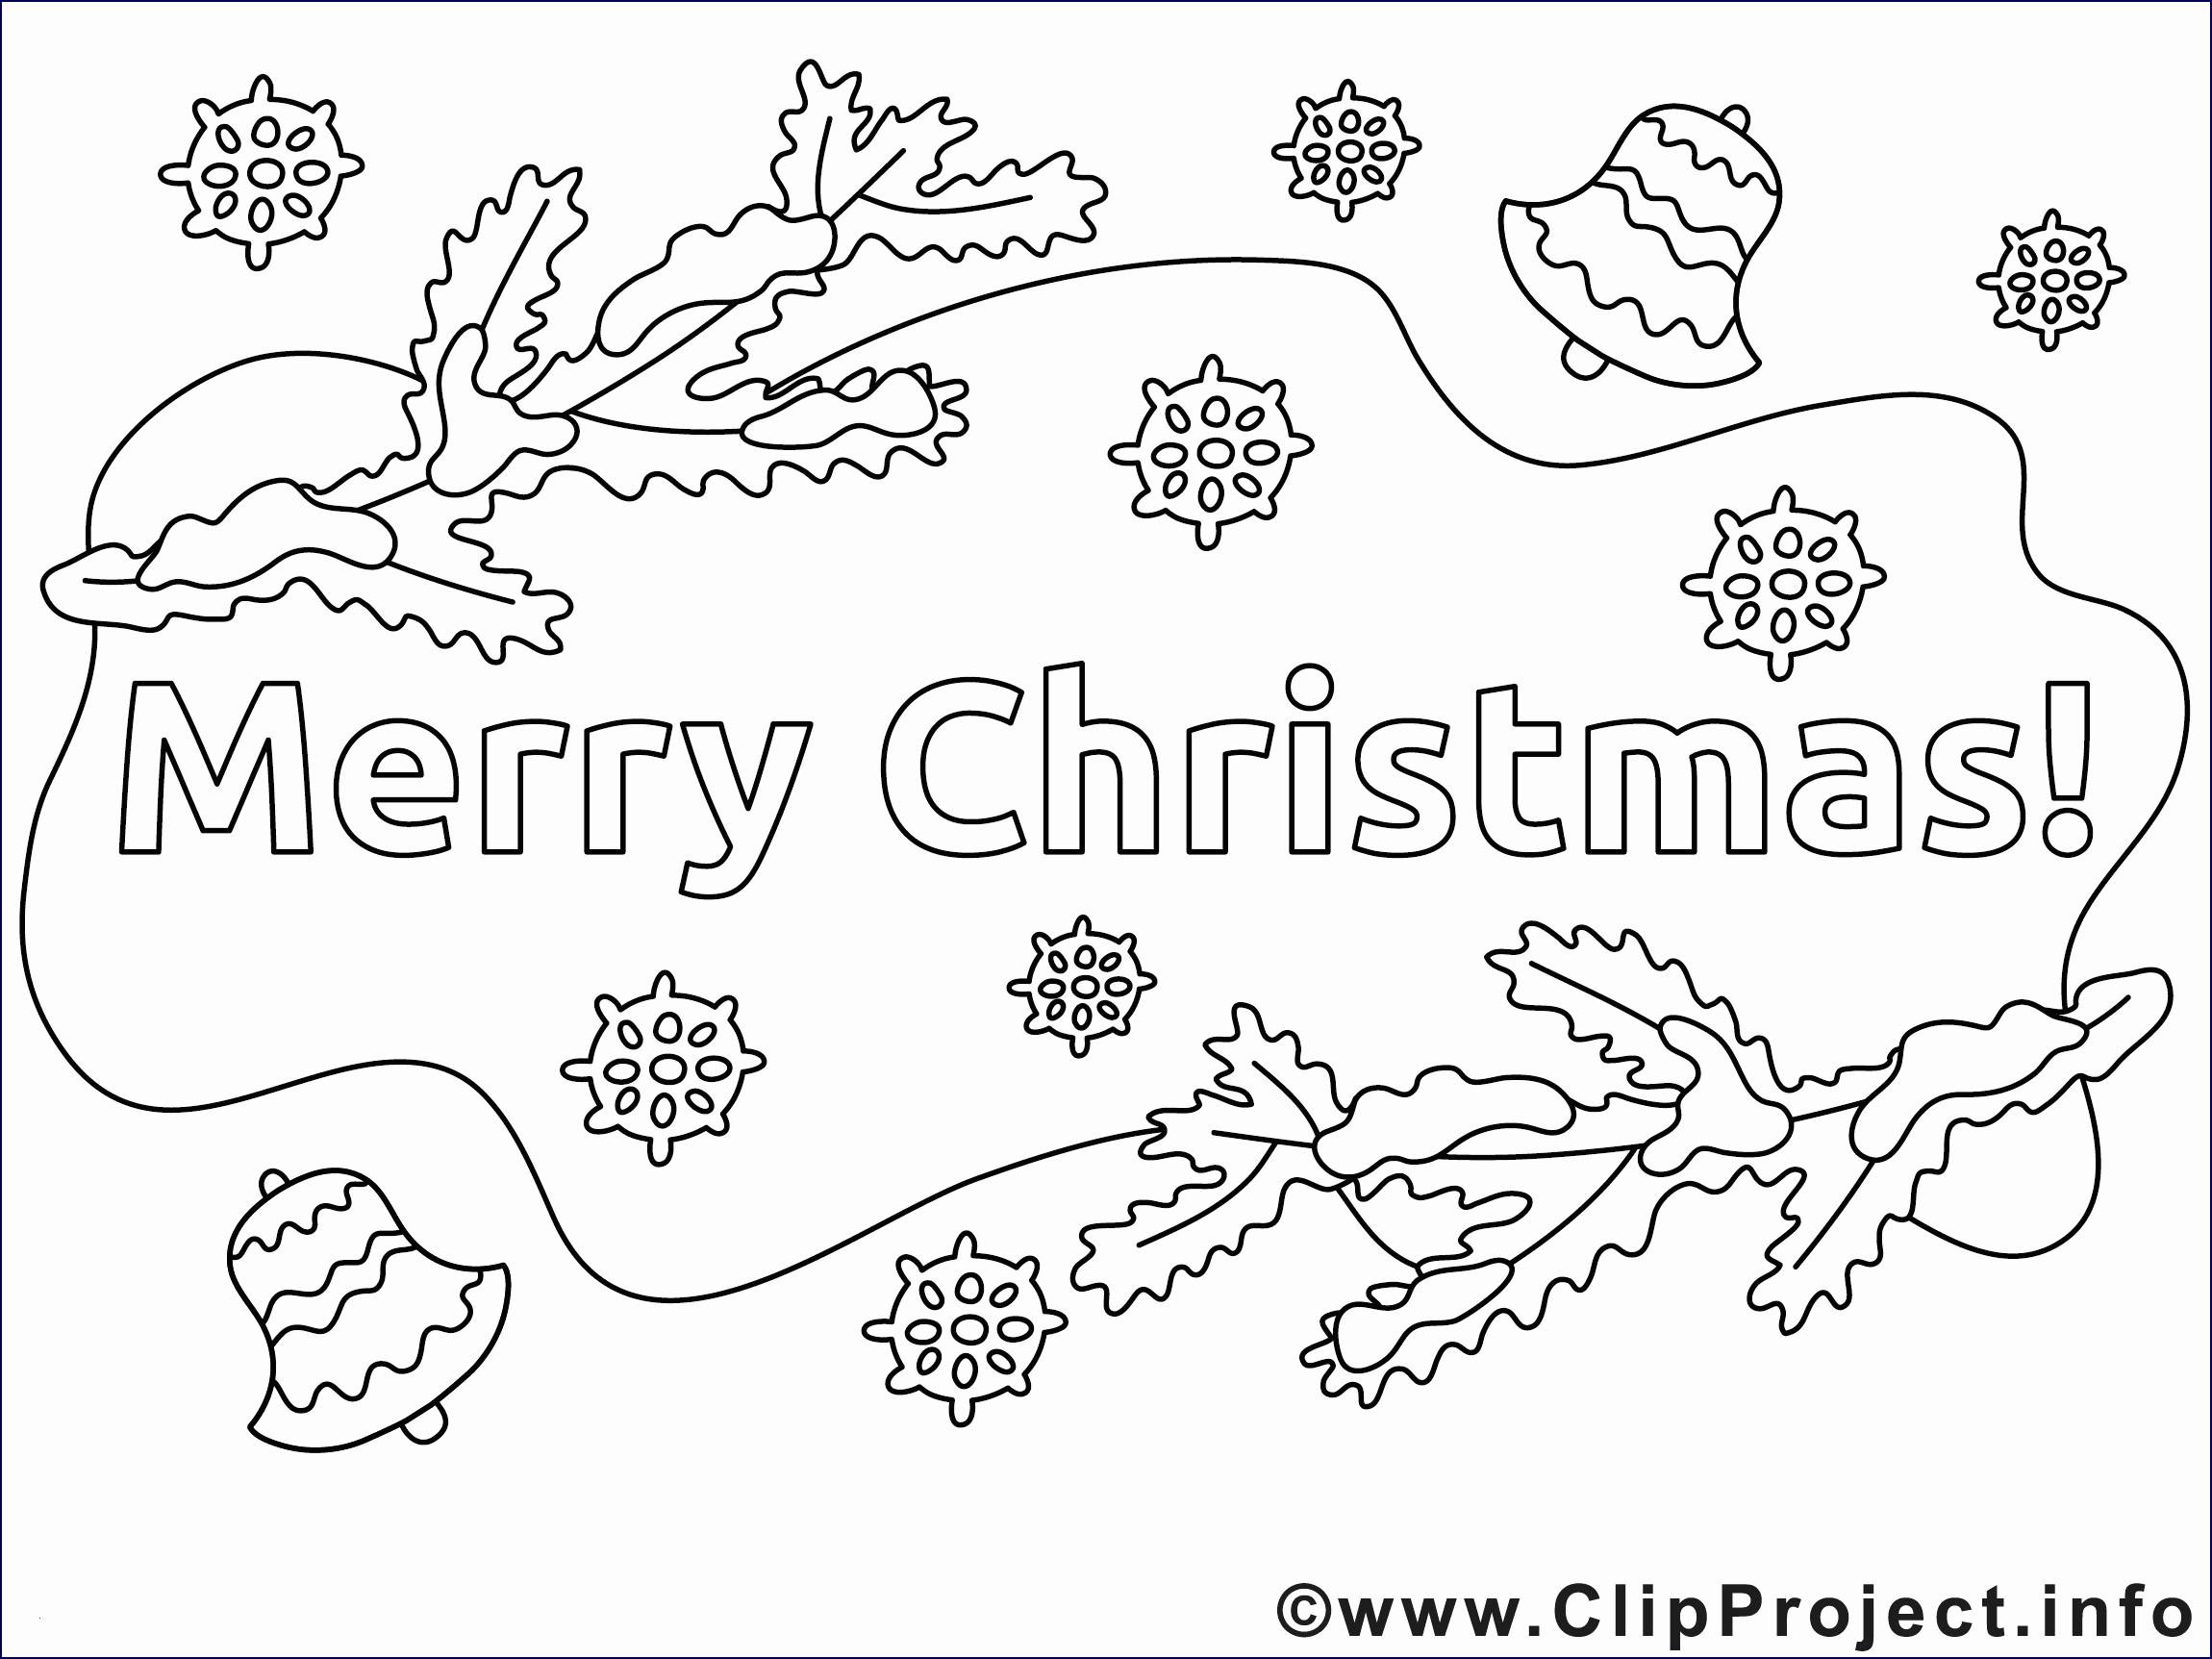 Ausmalbilder Weihnachten Christbaum Frisch Malvorlagen Tannenbaum Ausdrucken Luxus Weihnachtsbaum Mit Galerie